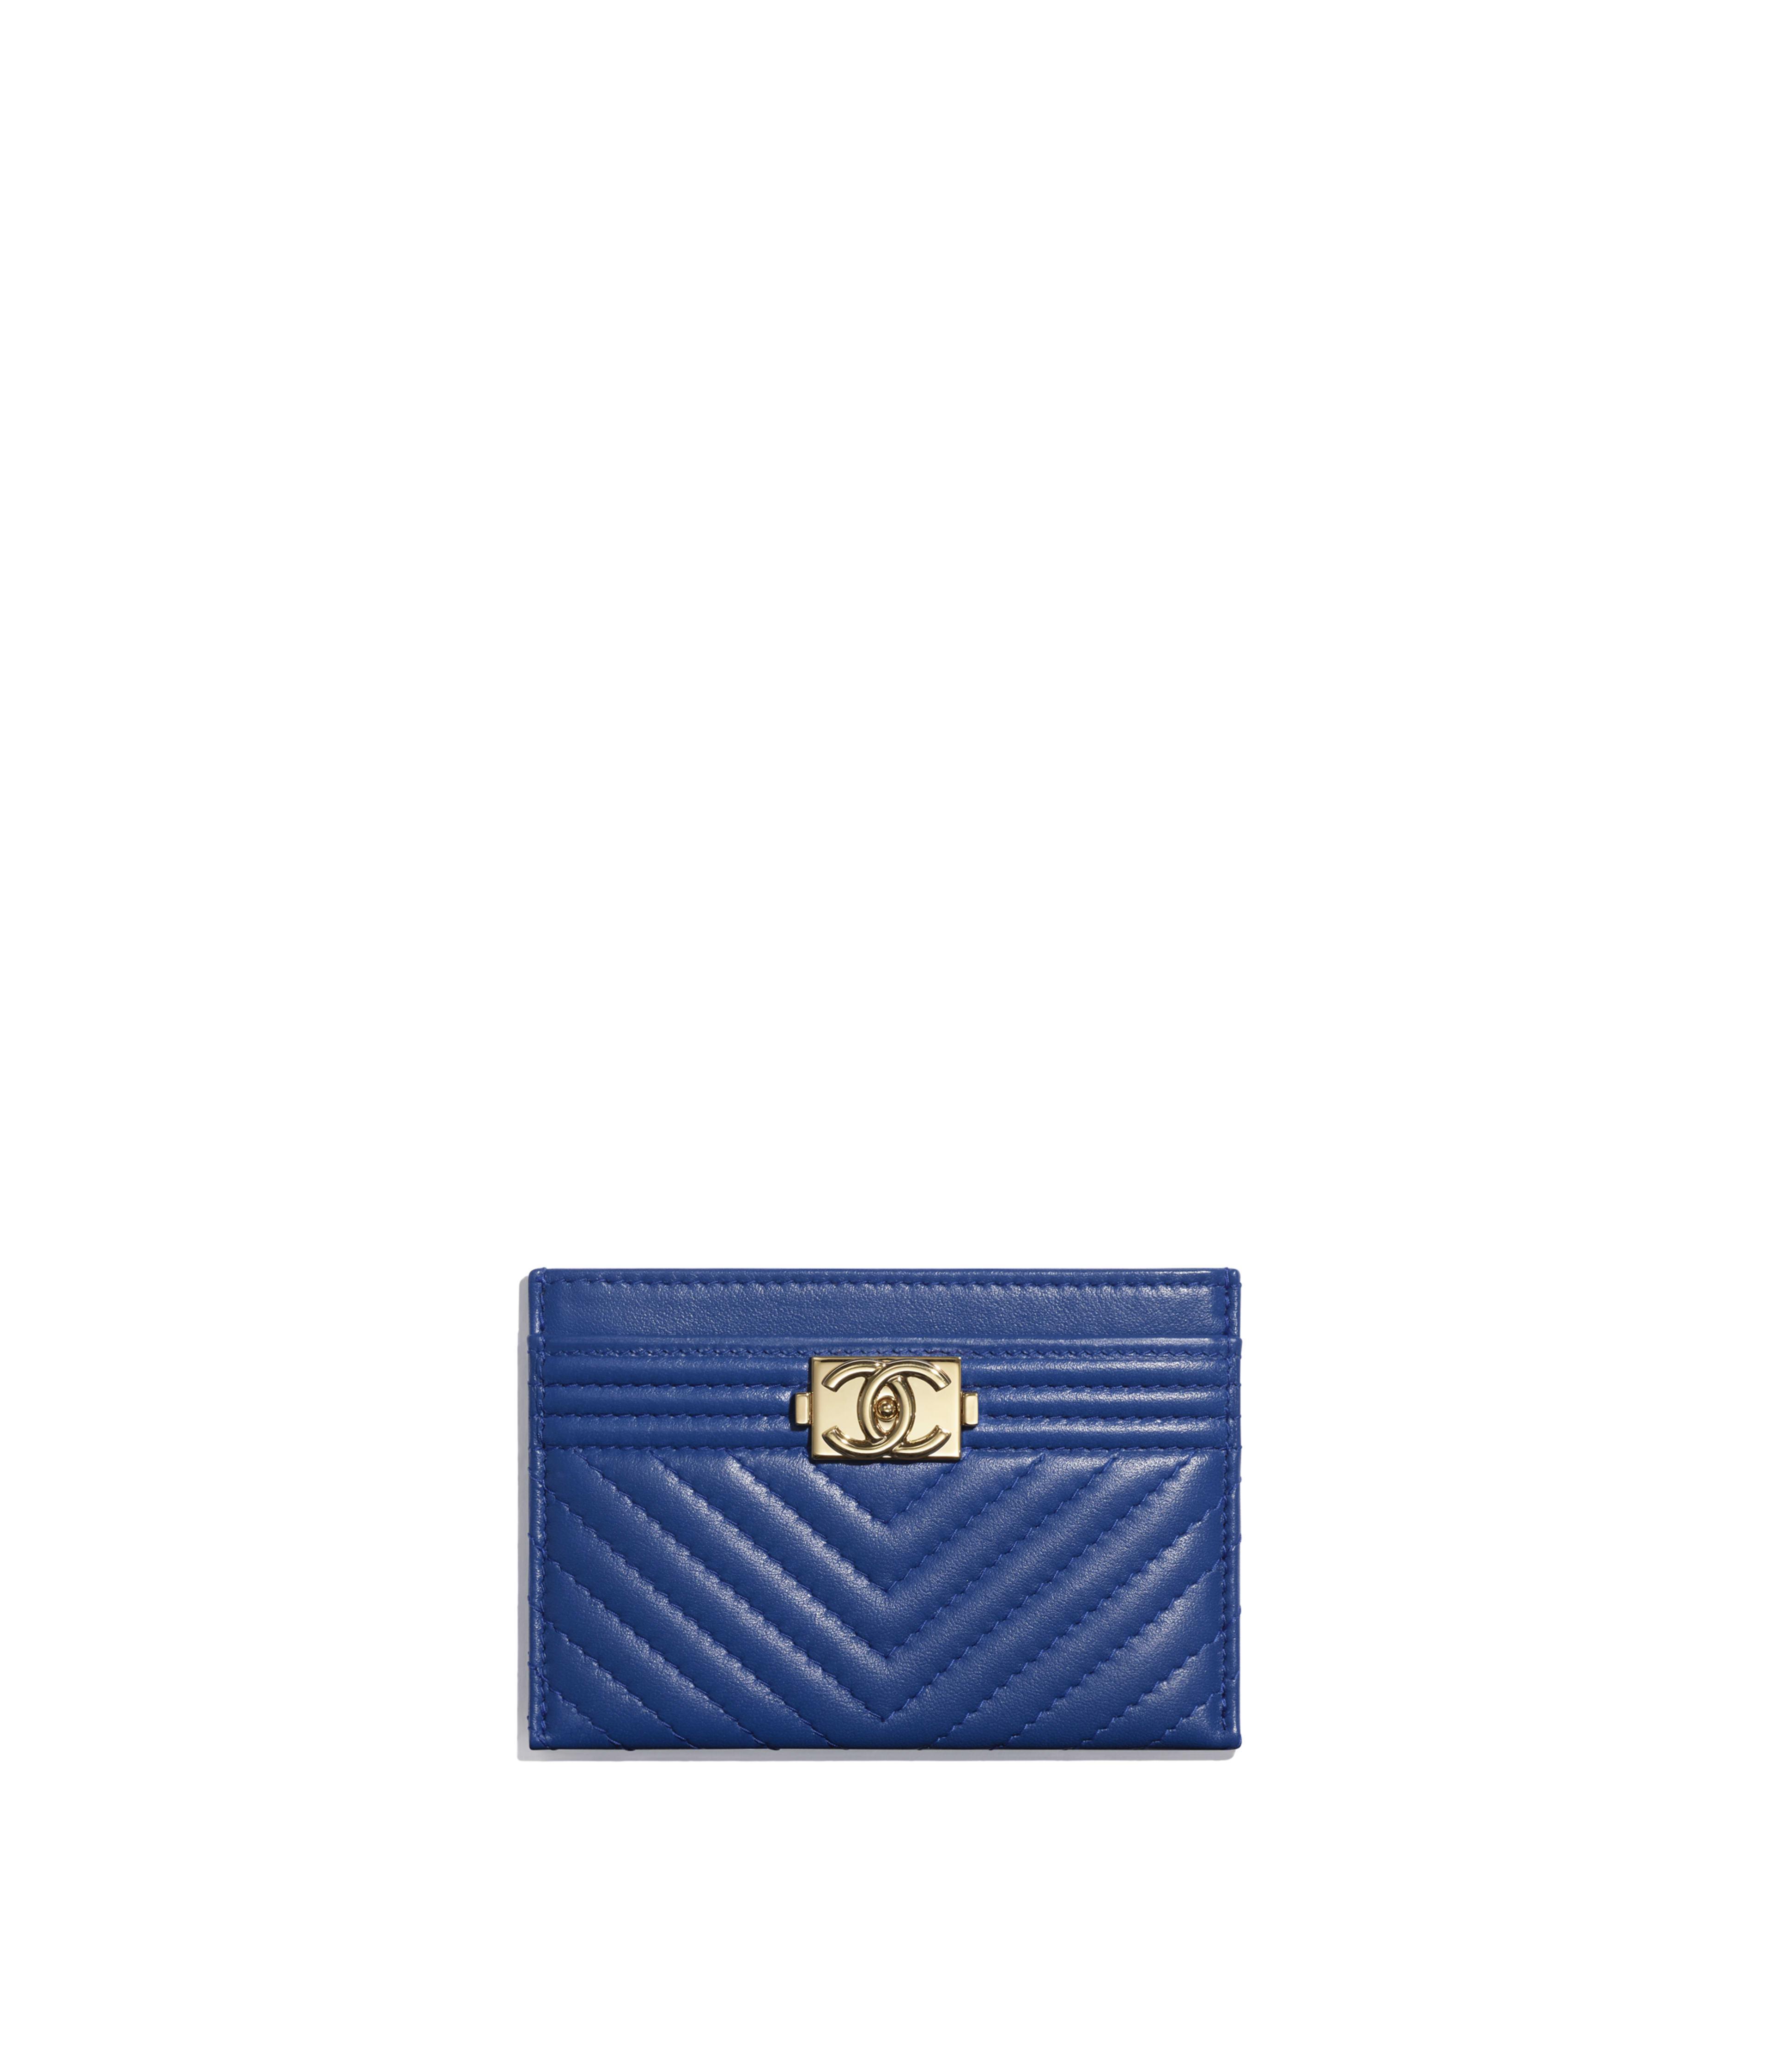 7188b4d3a56f BOY CHANEL Card Holder Lambskin & Gold-Tone Metal, Dark Blue Ref.  A84431B00635N4708